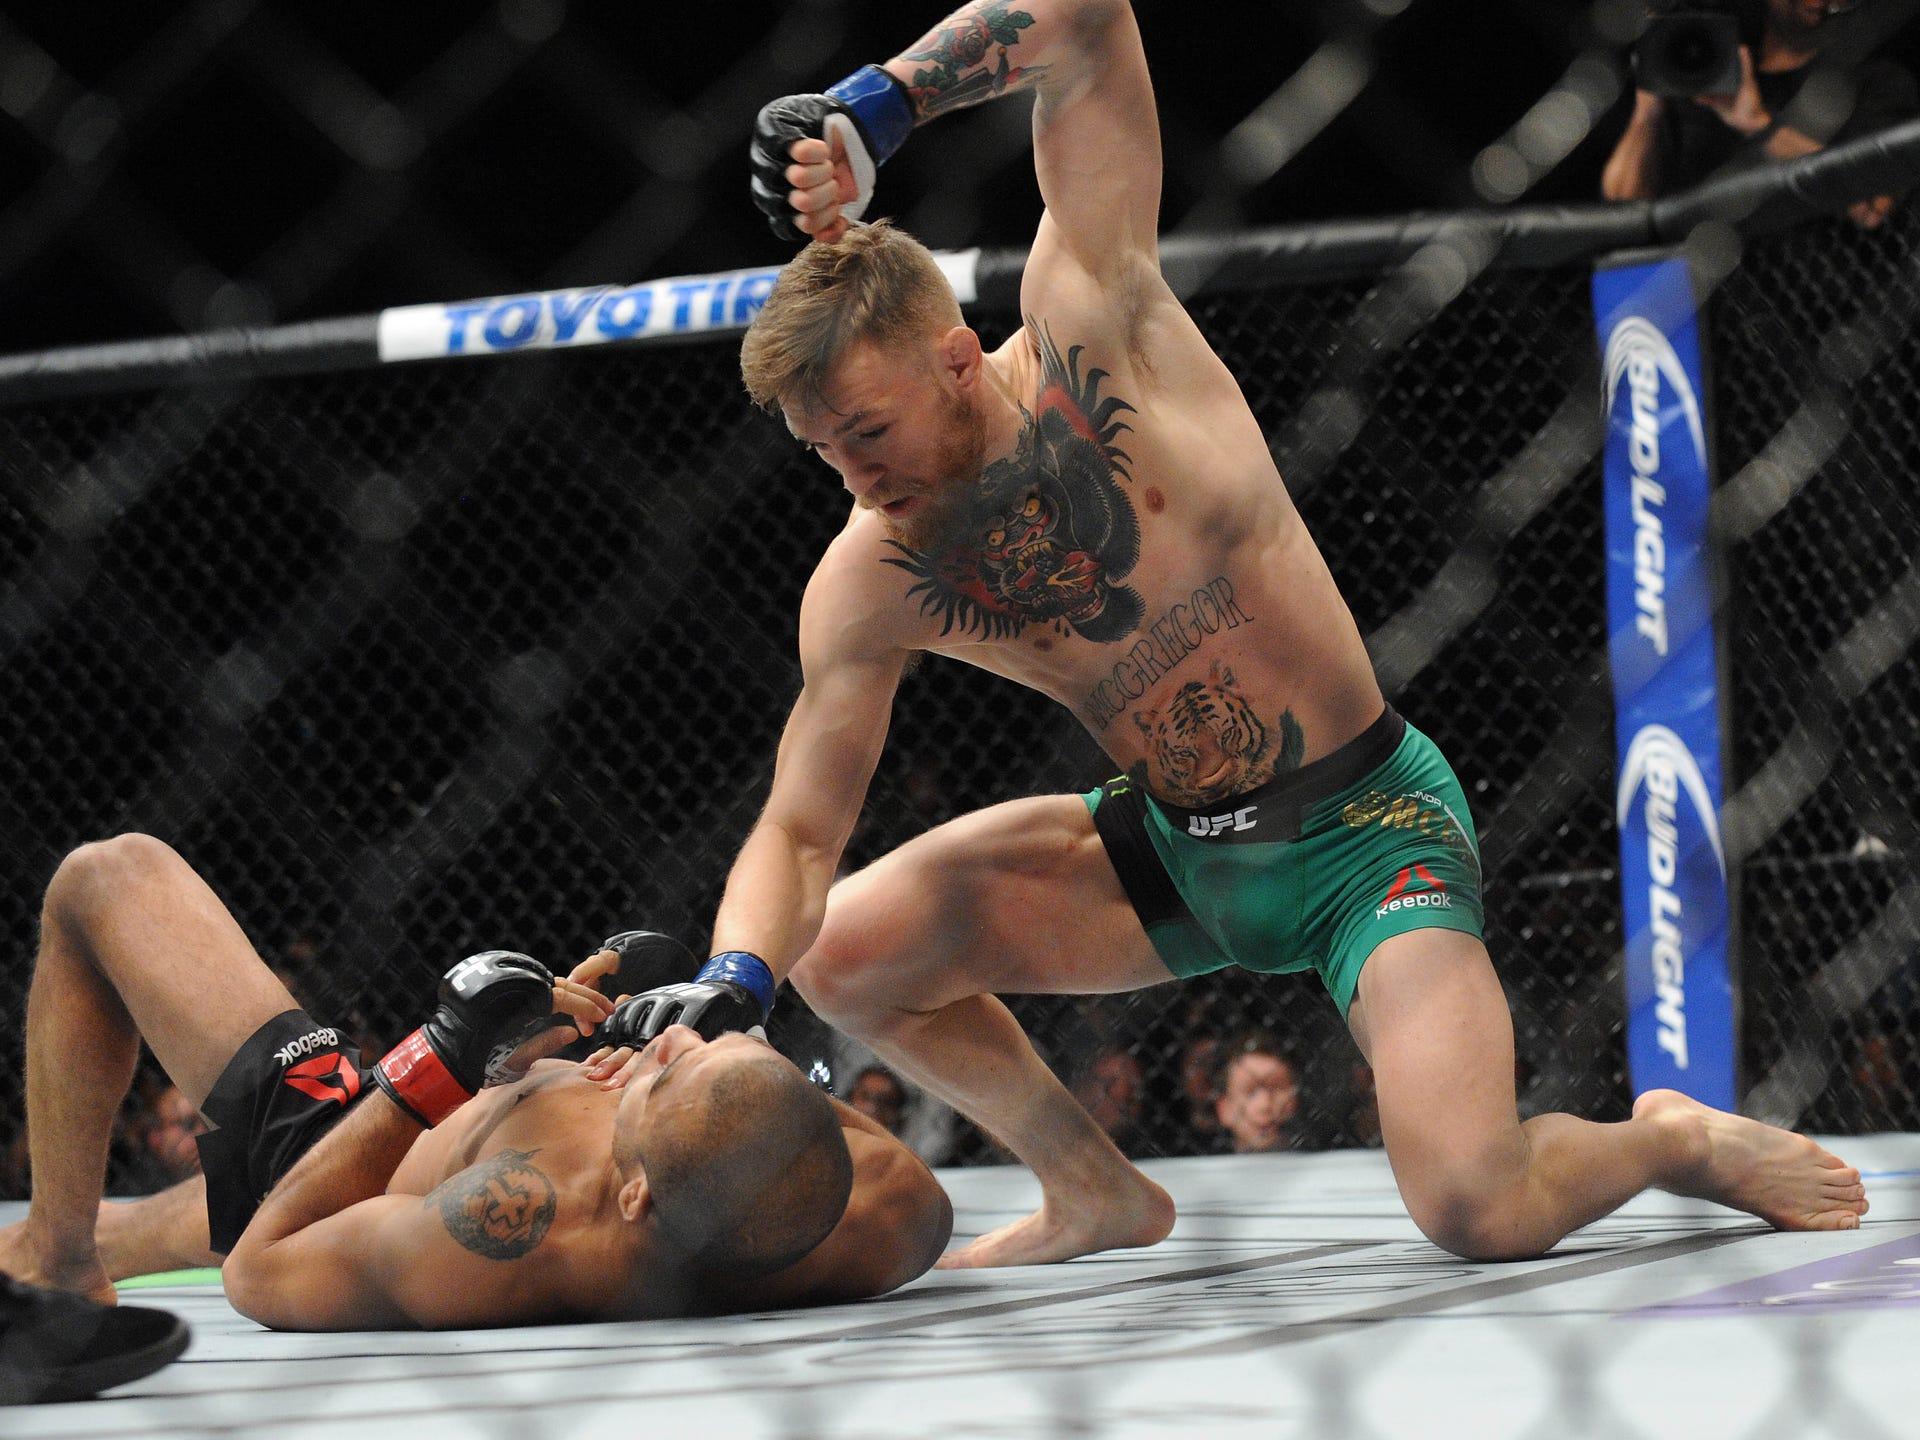 635855663123323099 USP MMA UFC 194 ALDO VS MCGREGOR 78254758